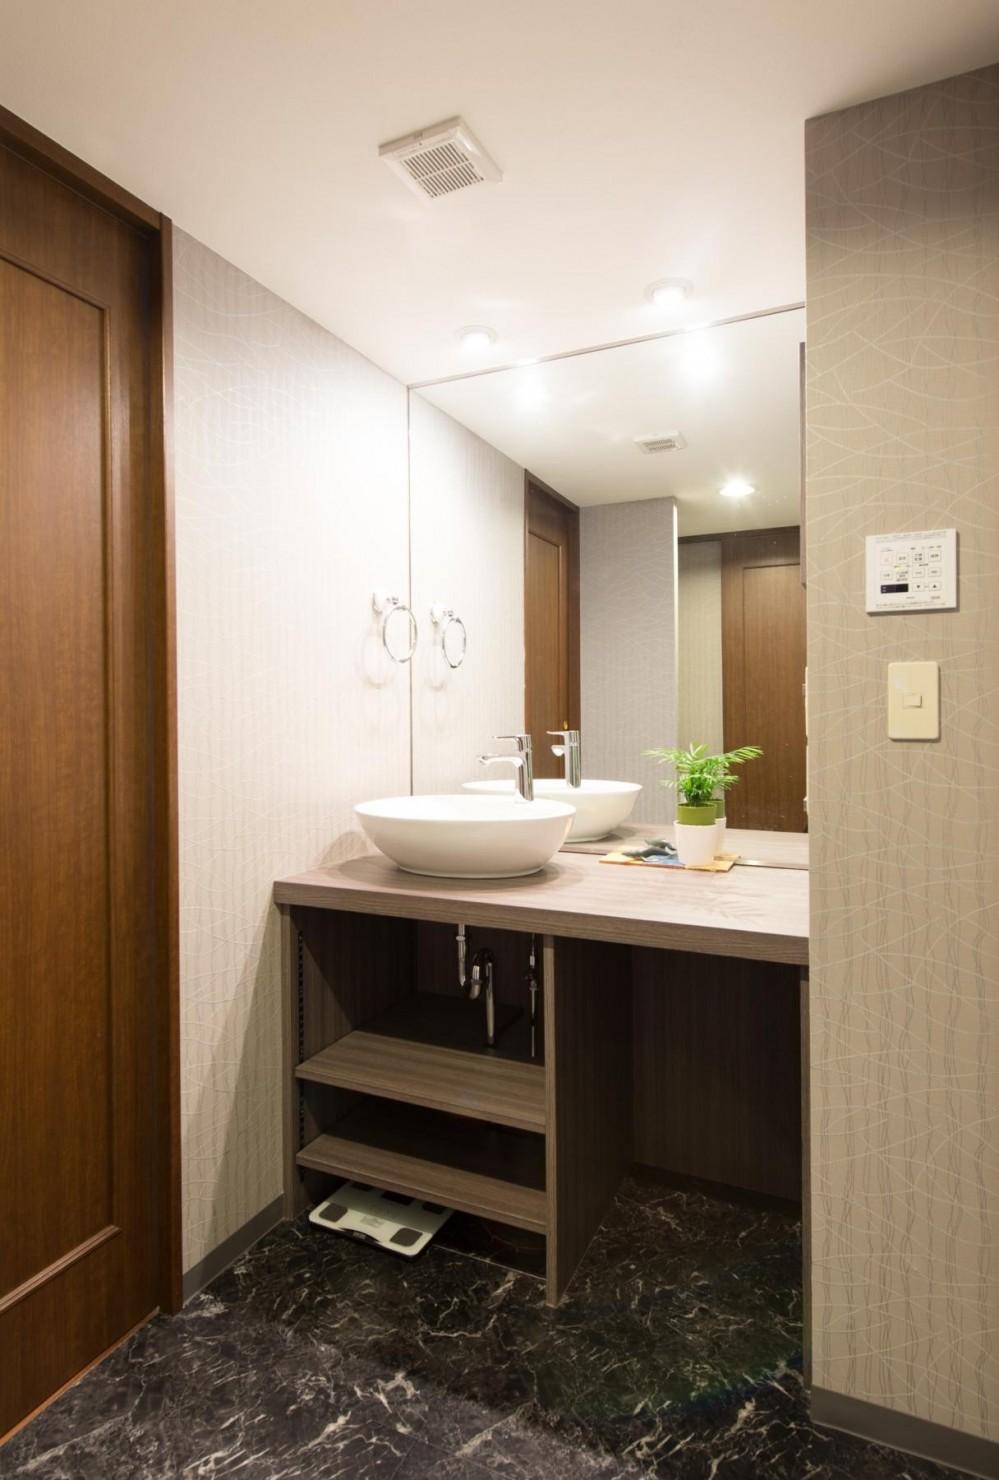 中古マンションリノベーション〜「自分らしい空間を実現したい」 (洗面脱衣室)